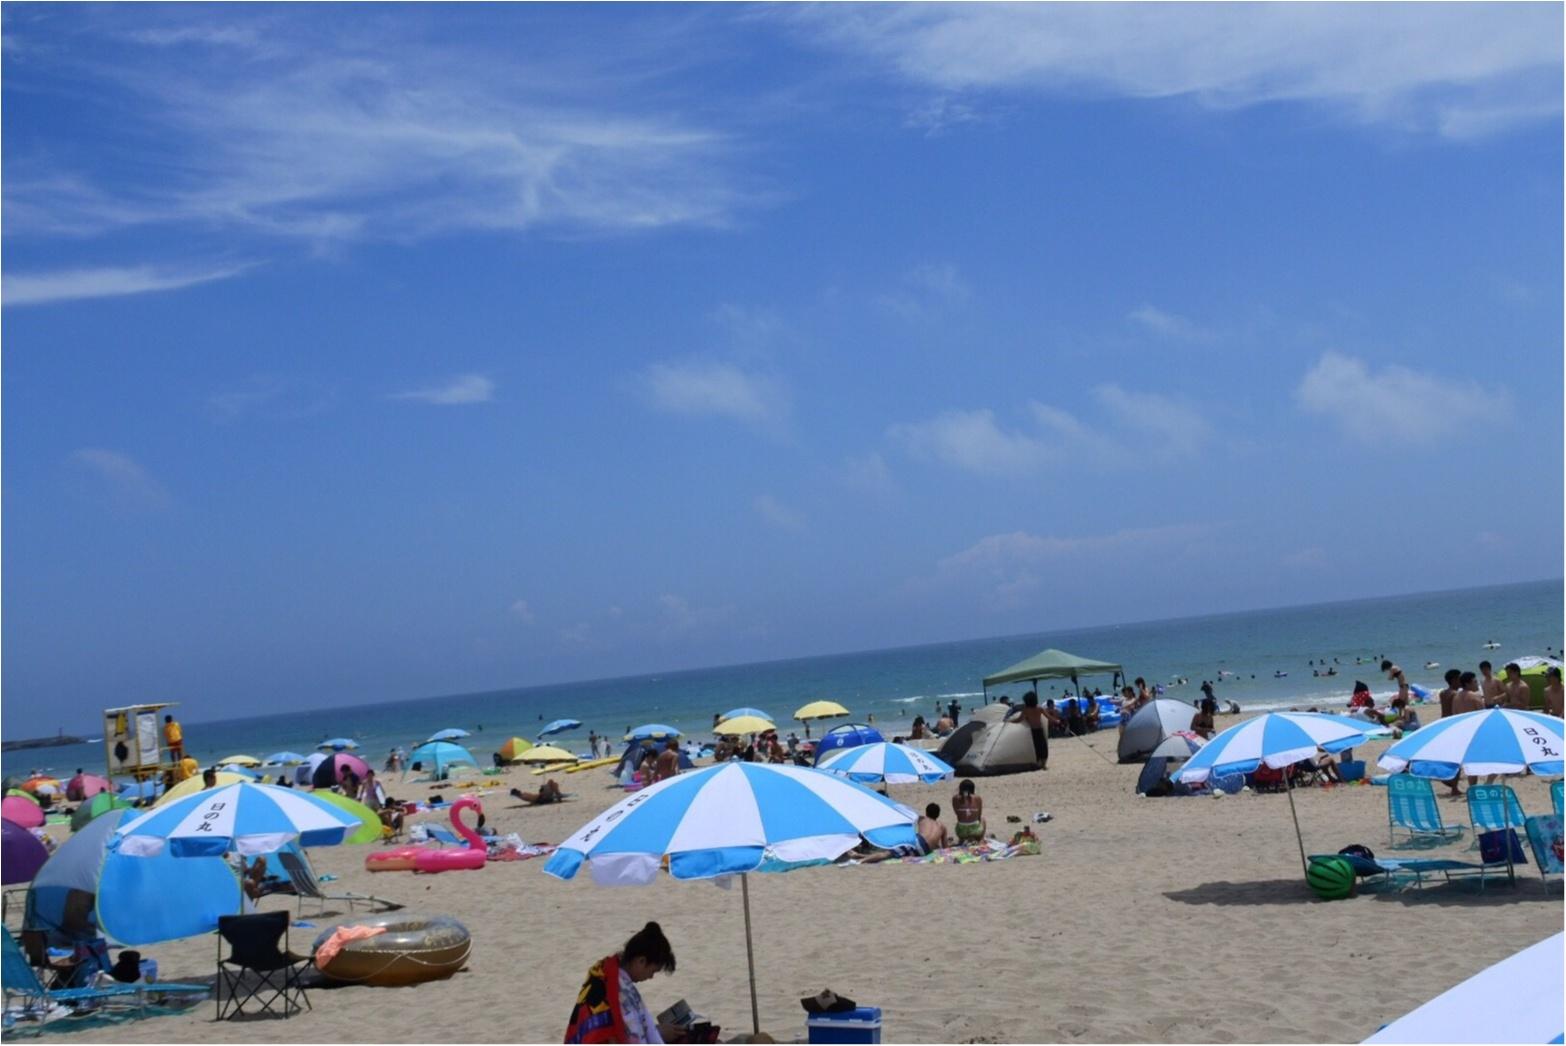 暑い陽射しの海も○○○があれば快適✨あの童謡で有名な【*御宿海岸*】で夏を満喫してきました♪_4